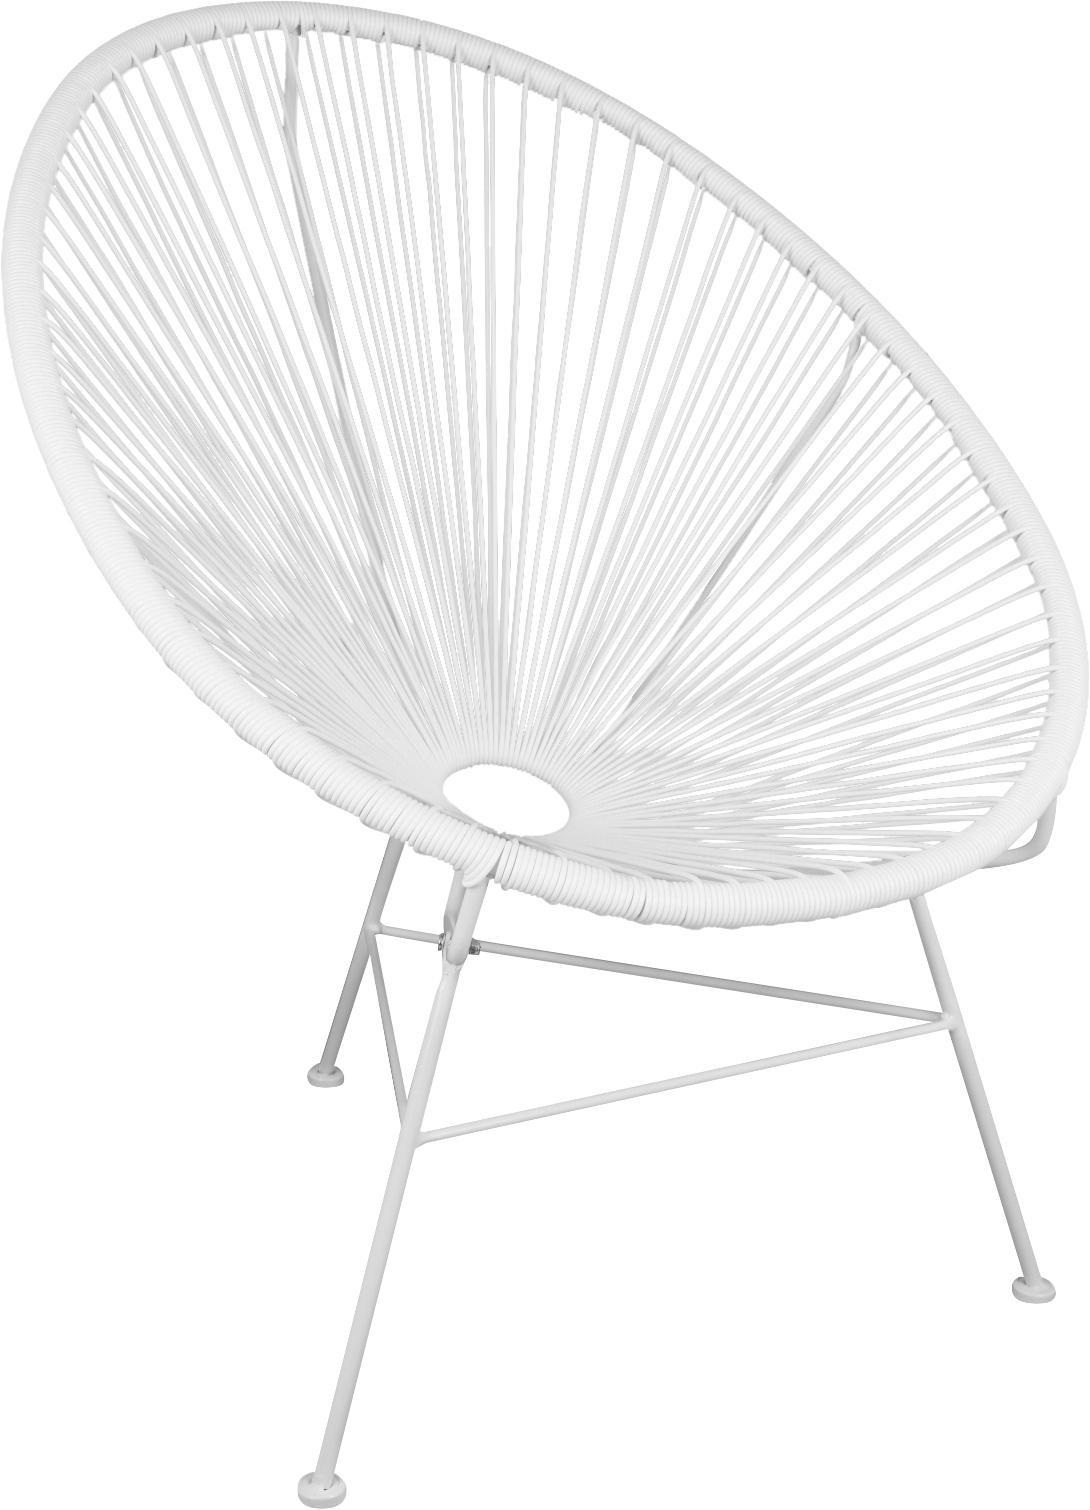 Sillón Bahia, Asiento: plástico, Estructura: metal con pintura en polv, Blanco, An 81 x F 73 cm